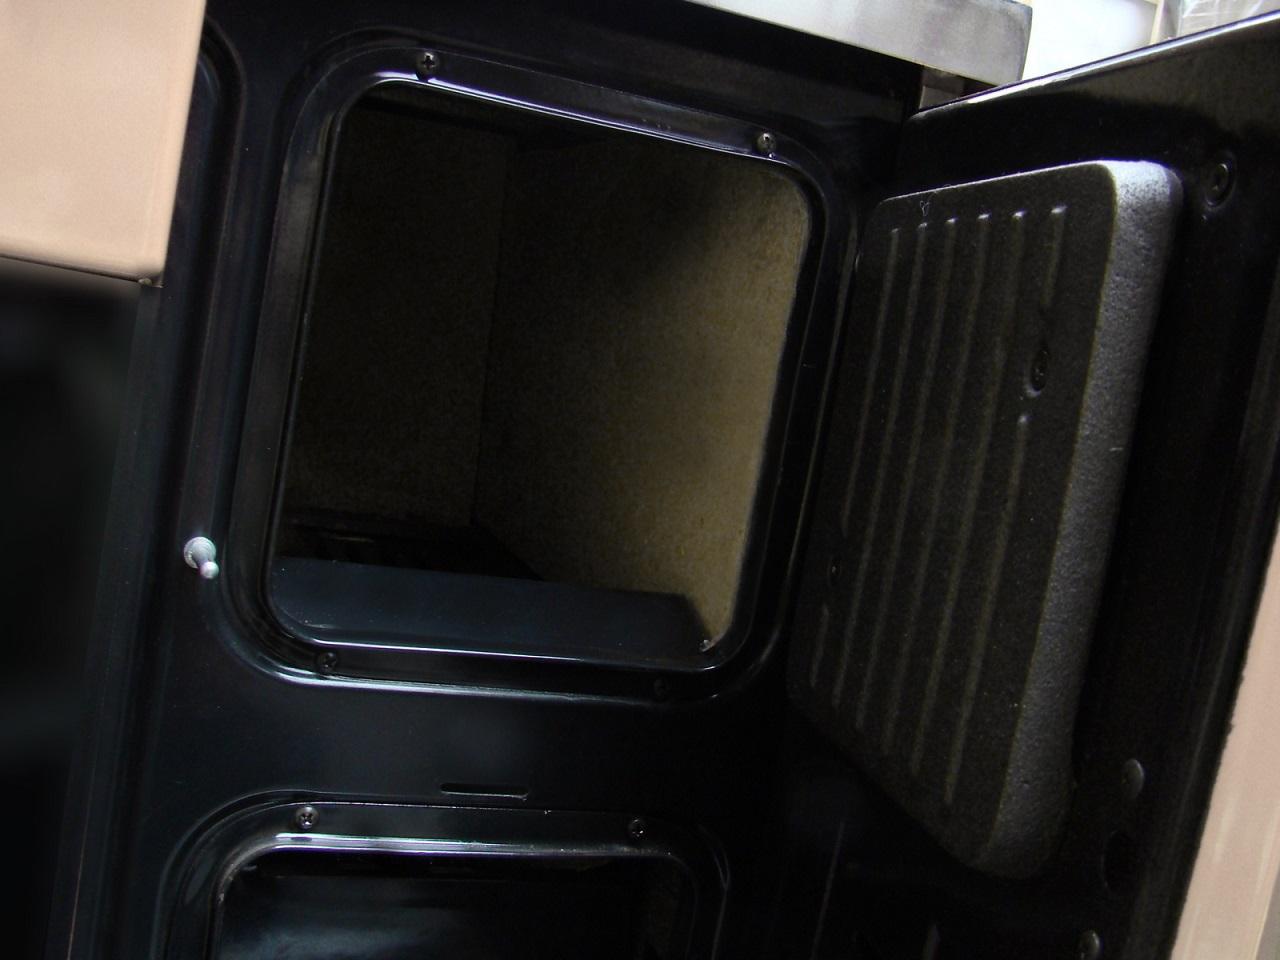 Kuchnia węglowa MBS ROYAL 720  7,5 kW